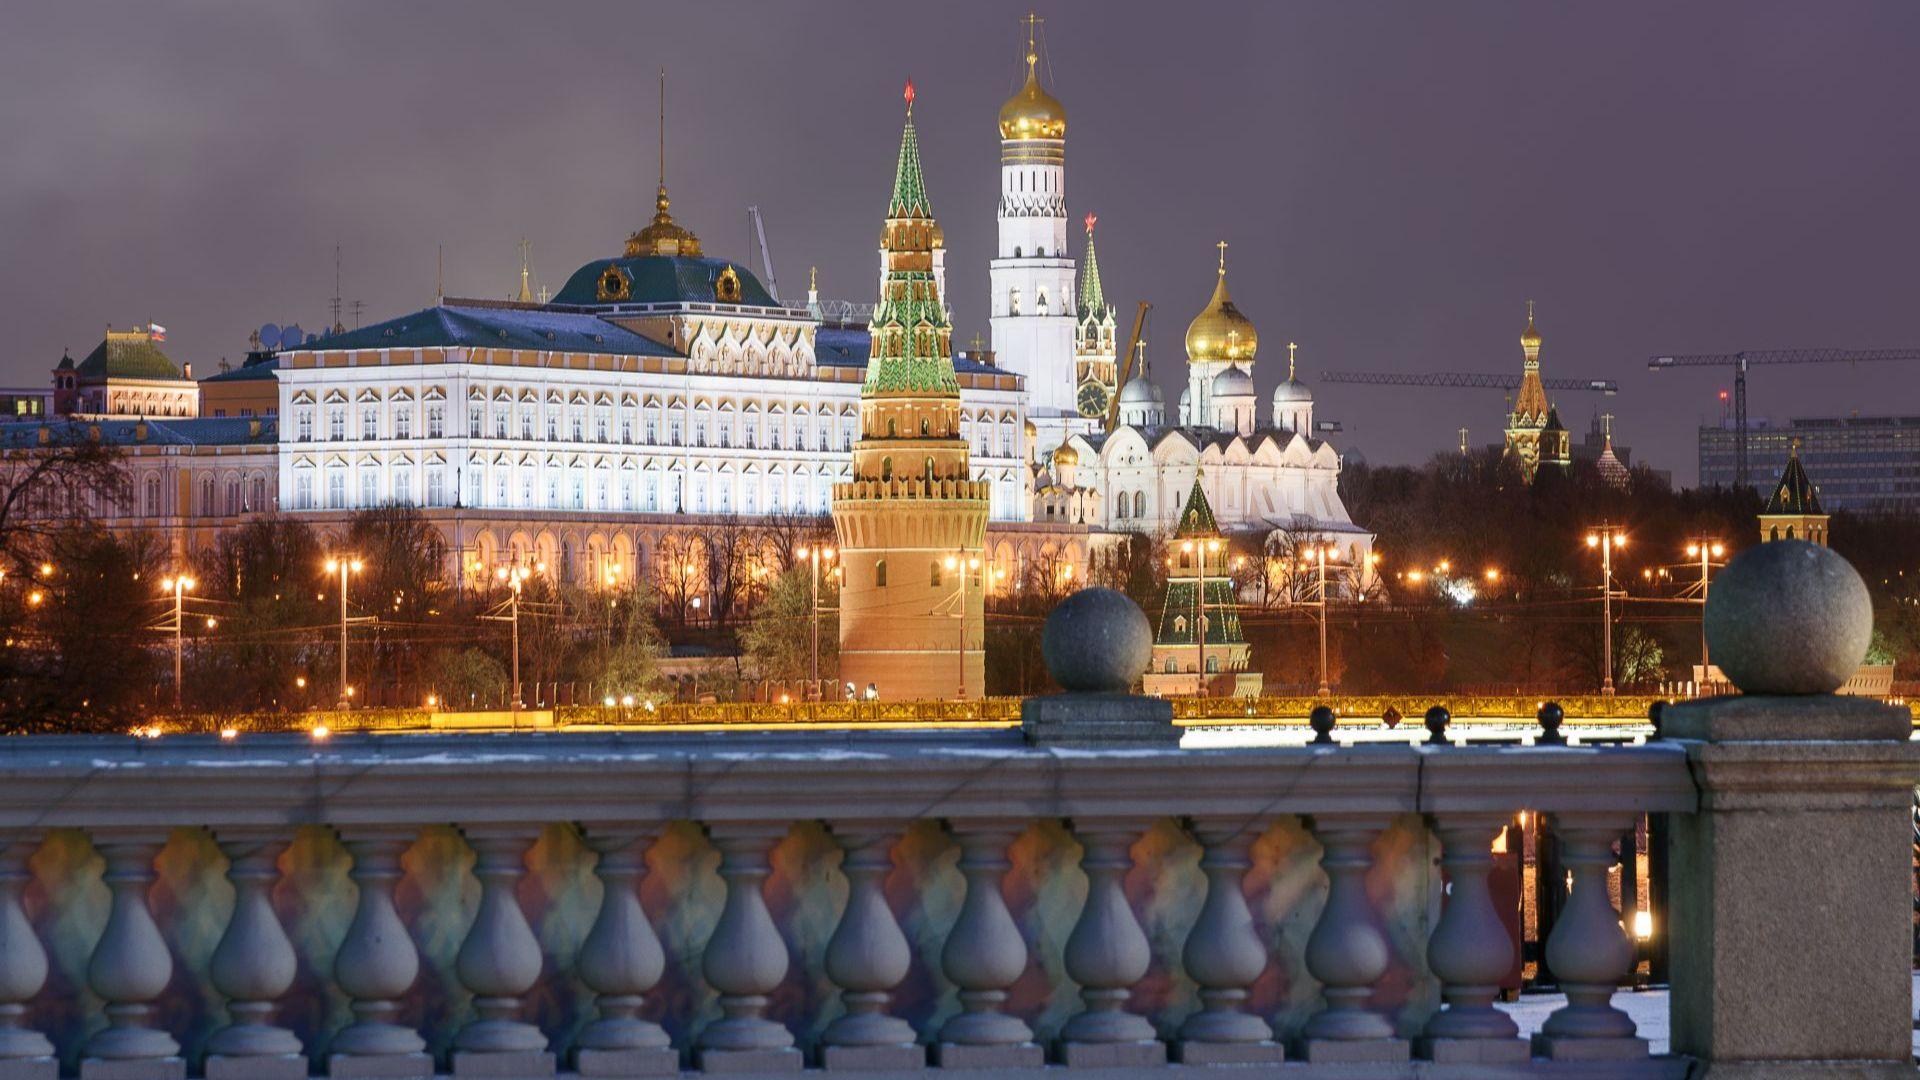 Откриха неизбухнала бомба от войната на територията на Кремъл